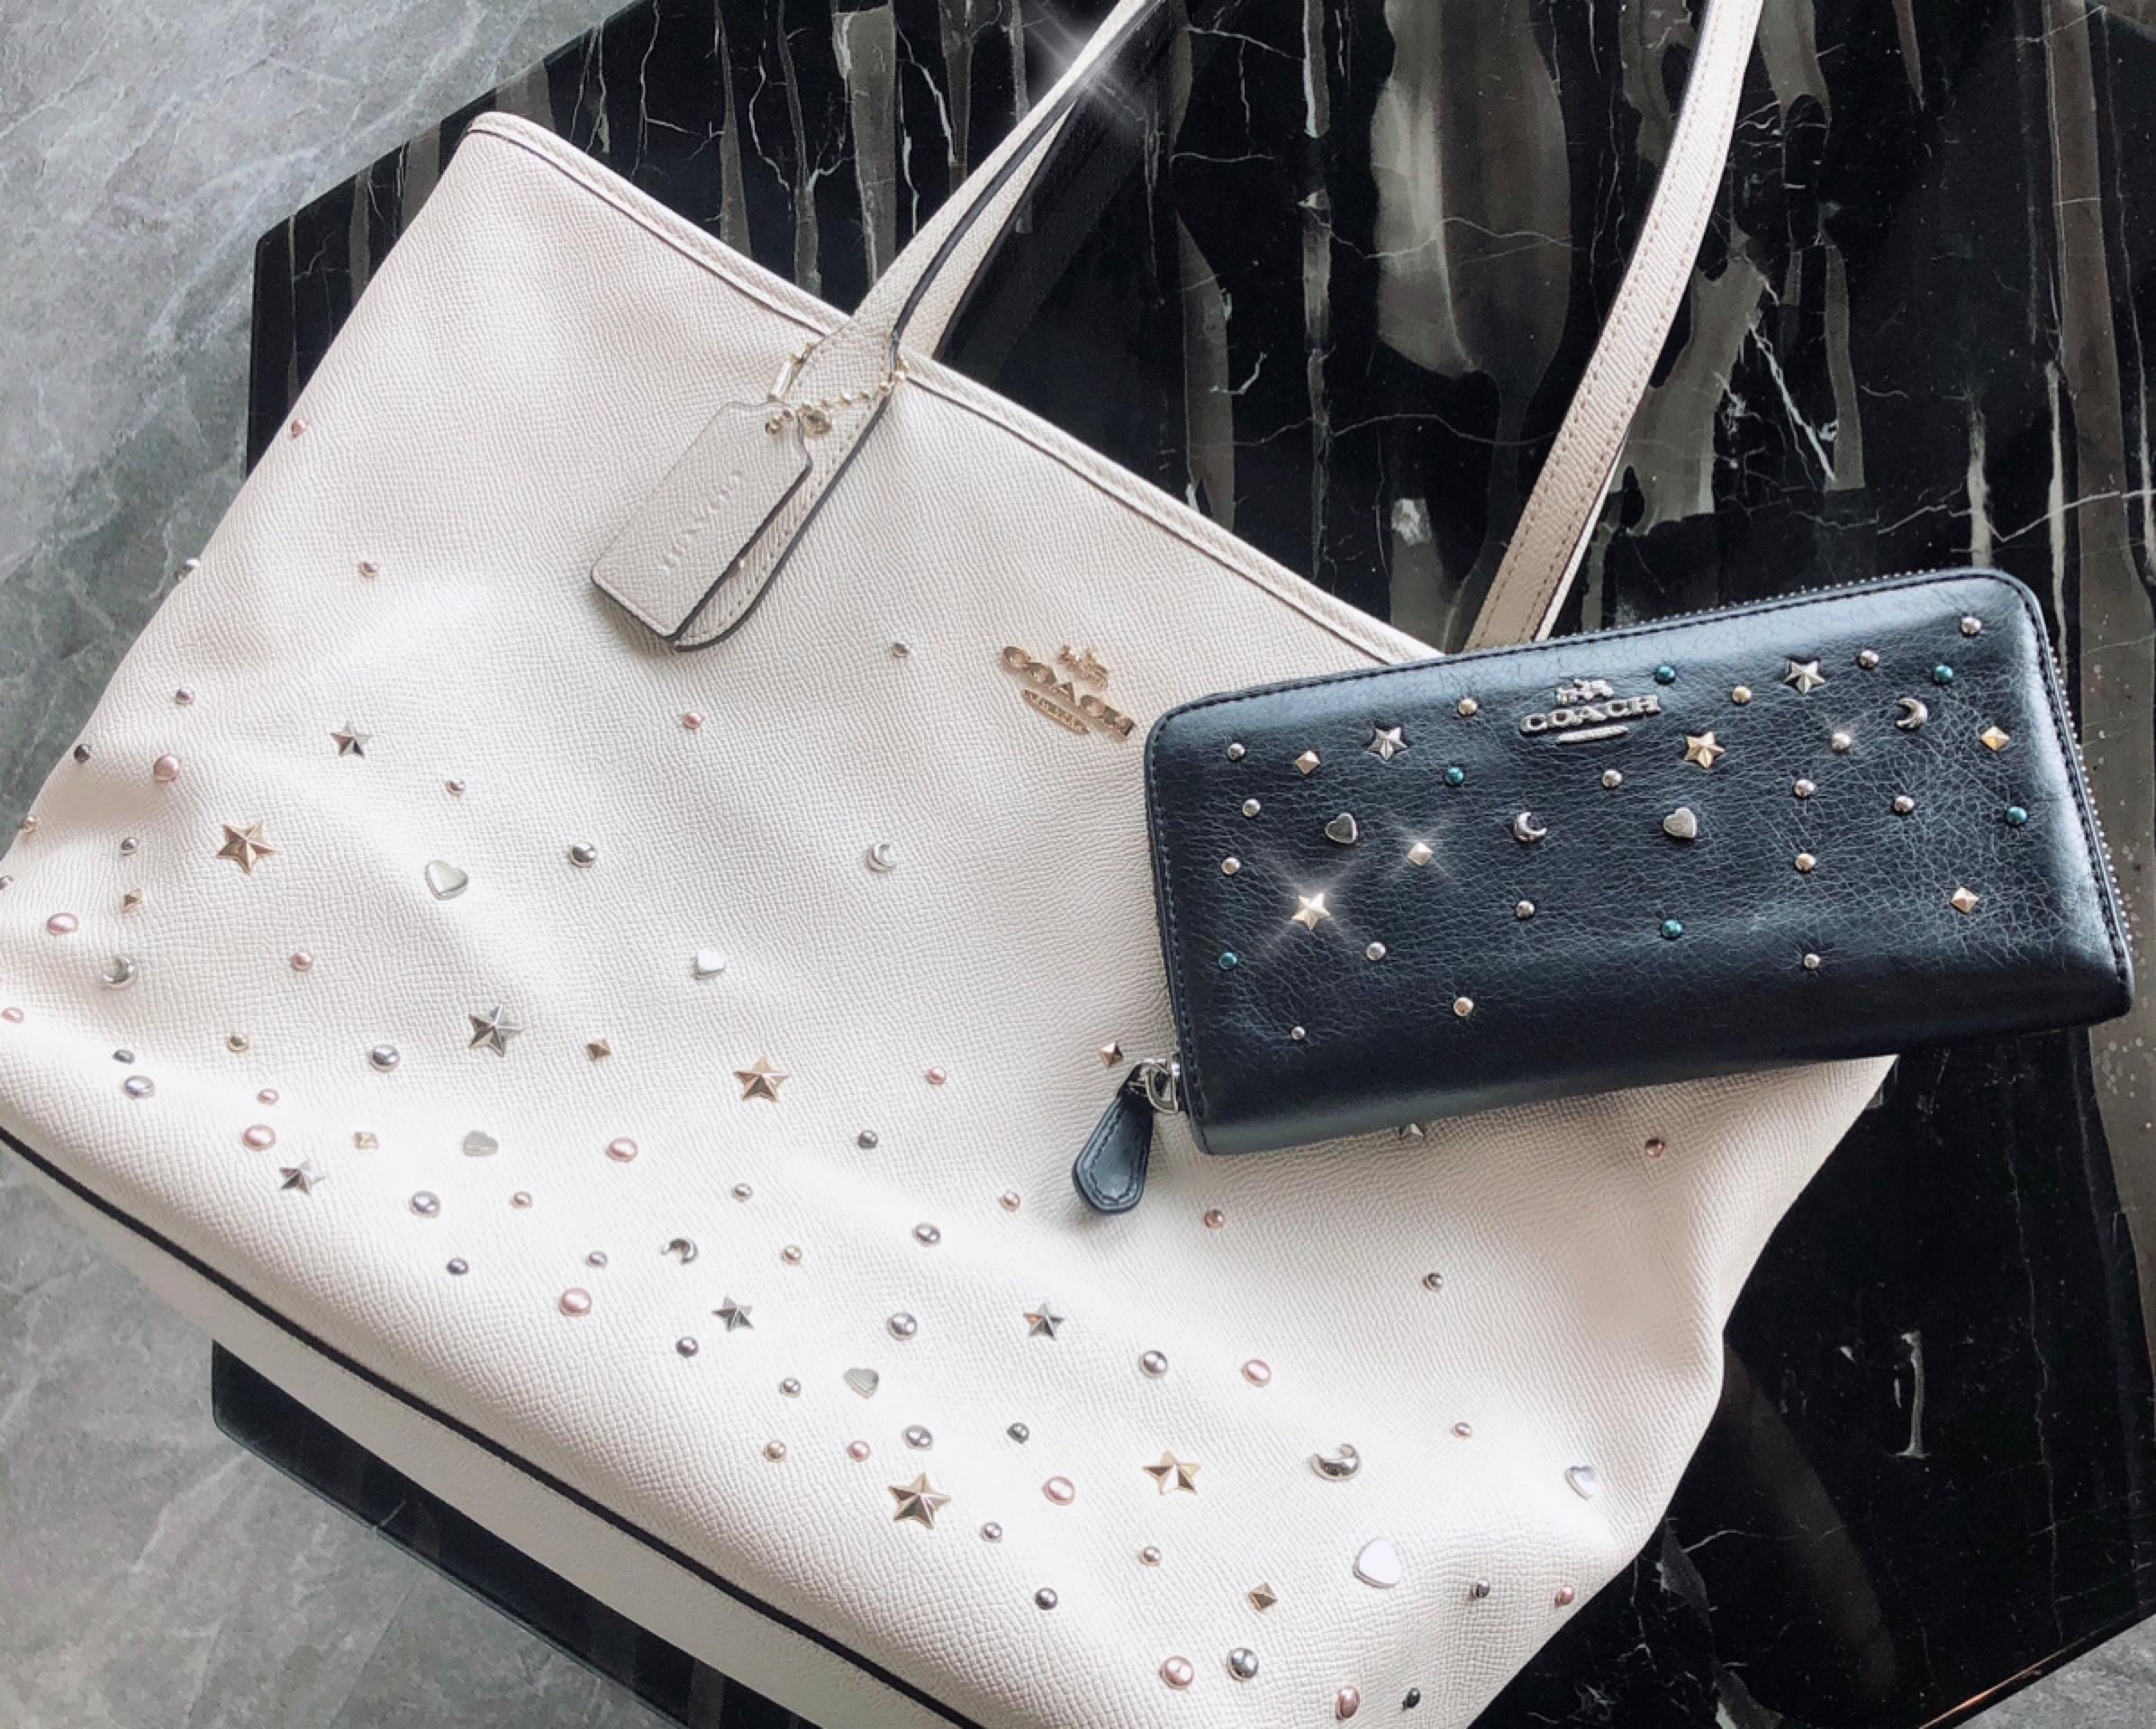 【20代女子の愛用財布】《COACH》派手すぎない星空みたいなキラキラスタッズがお気に入り˚✧₊バッグもお揃いで使用しています♩_1